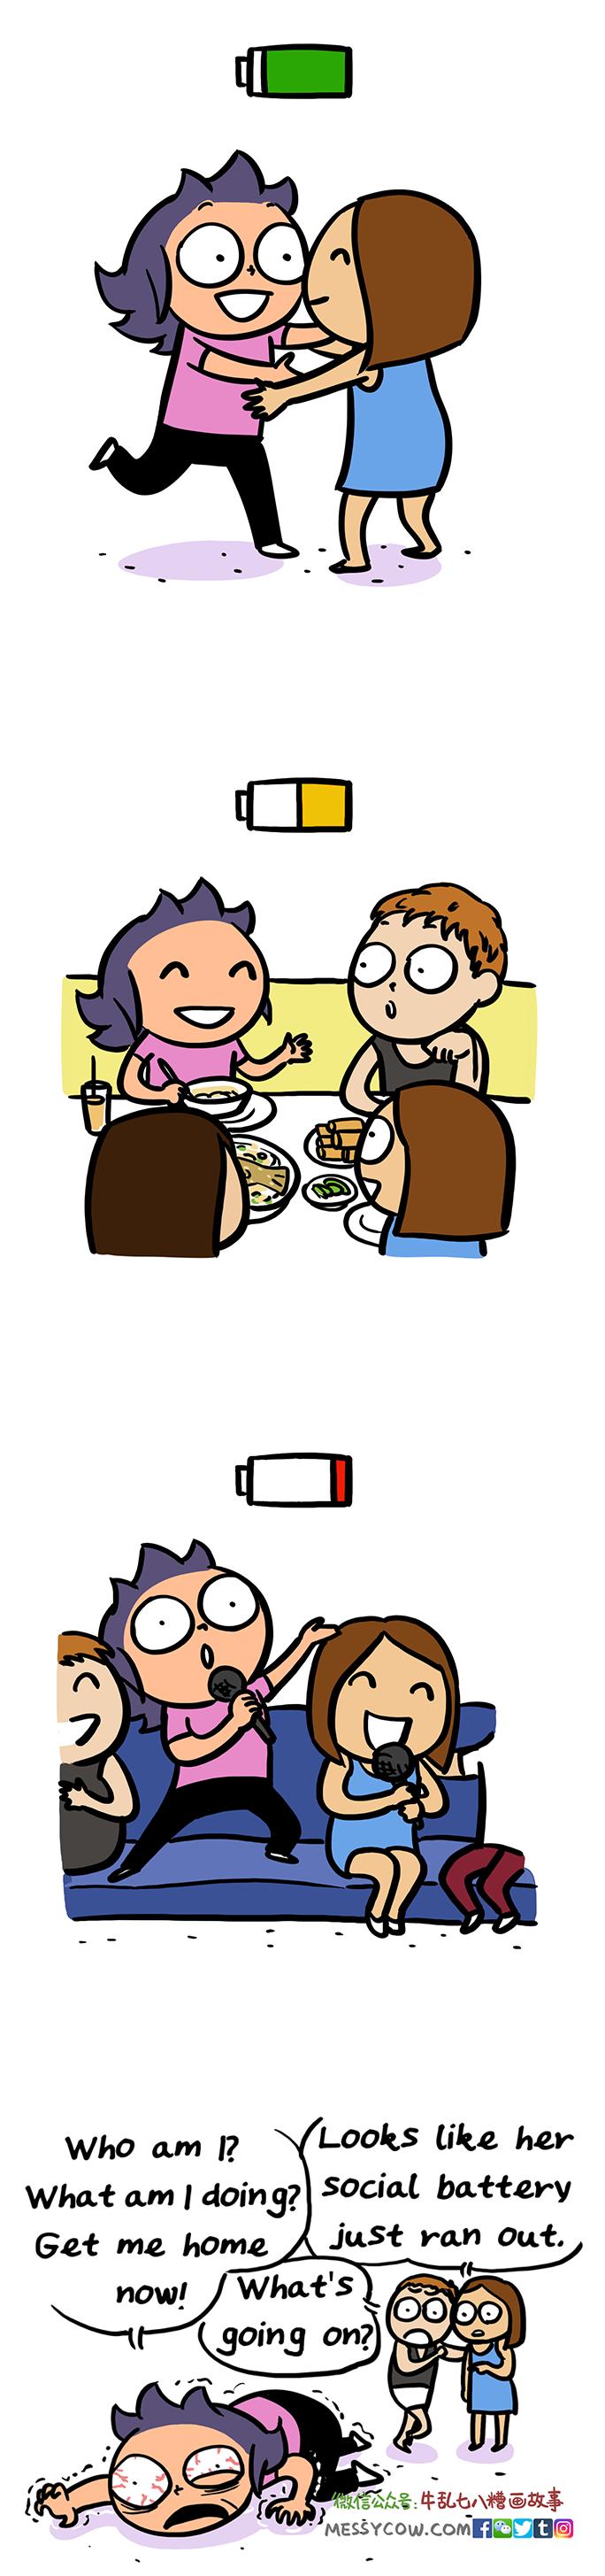 socialbattery